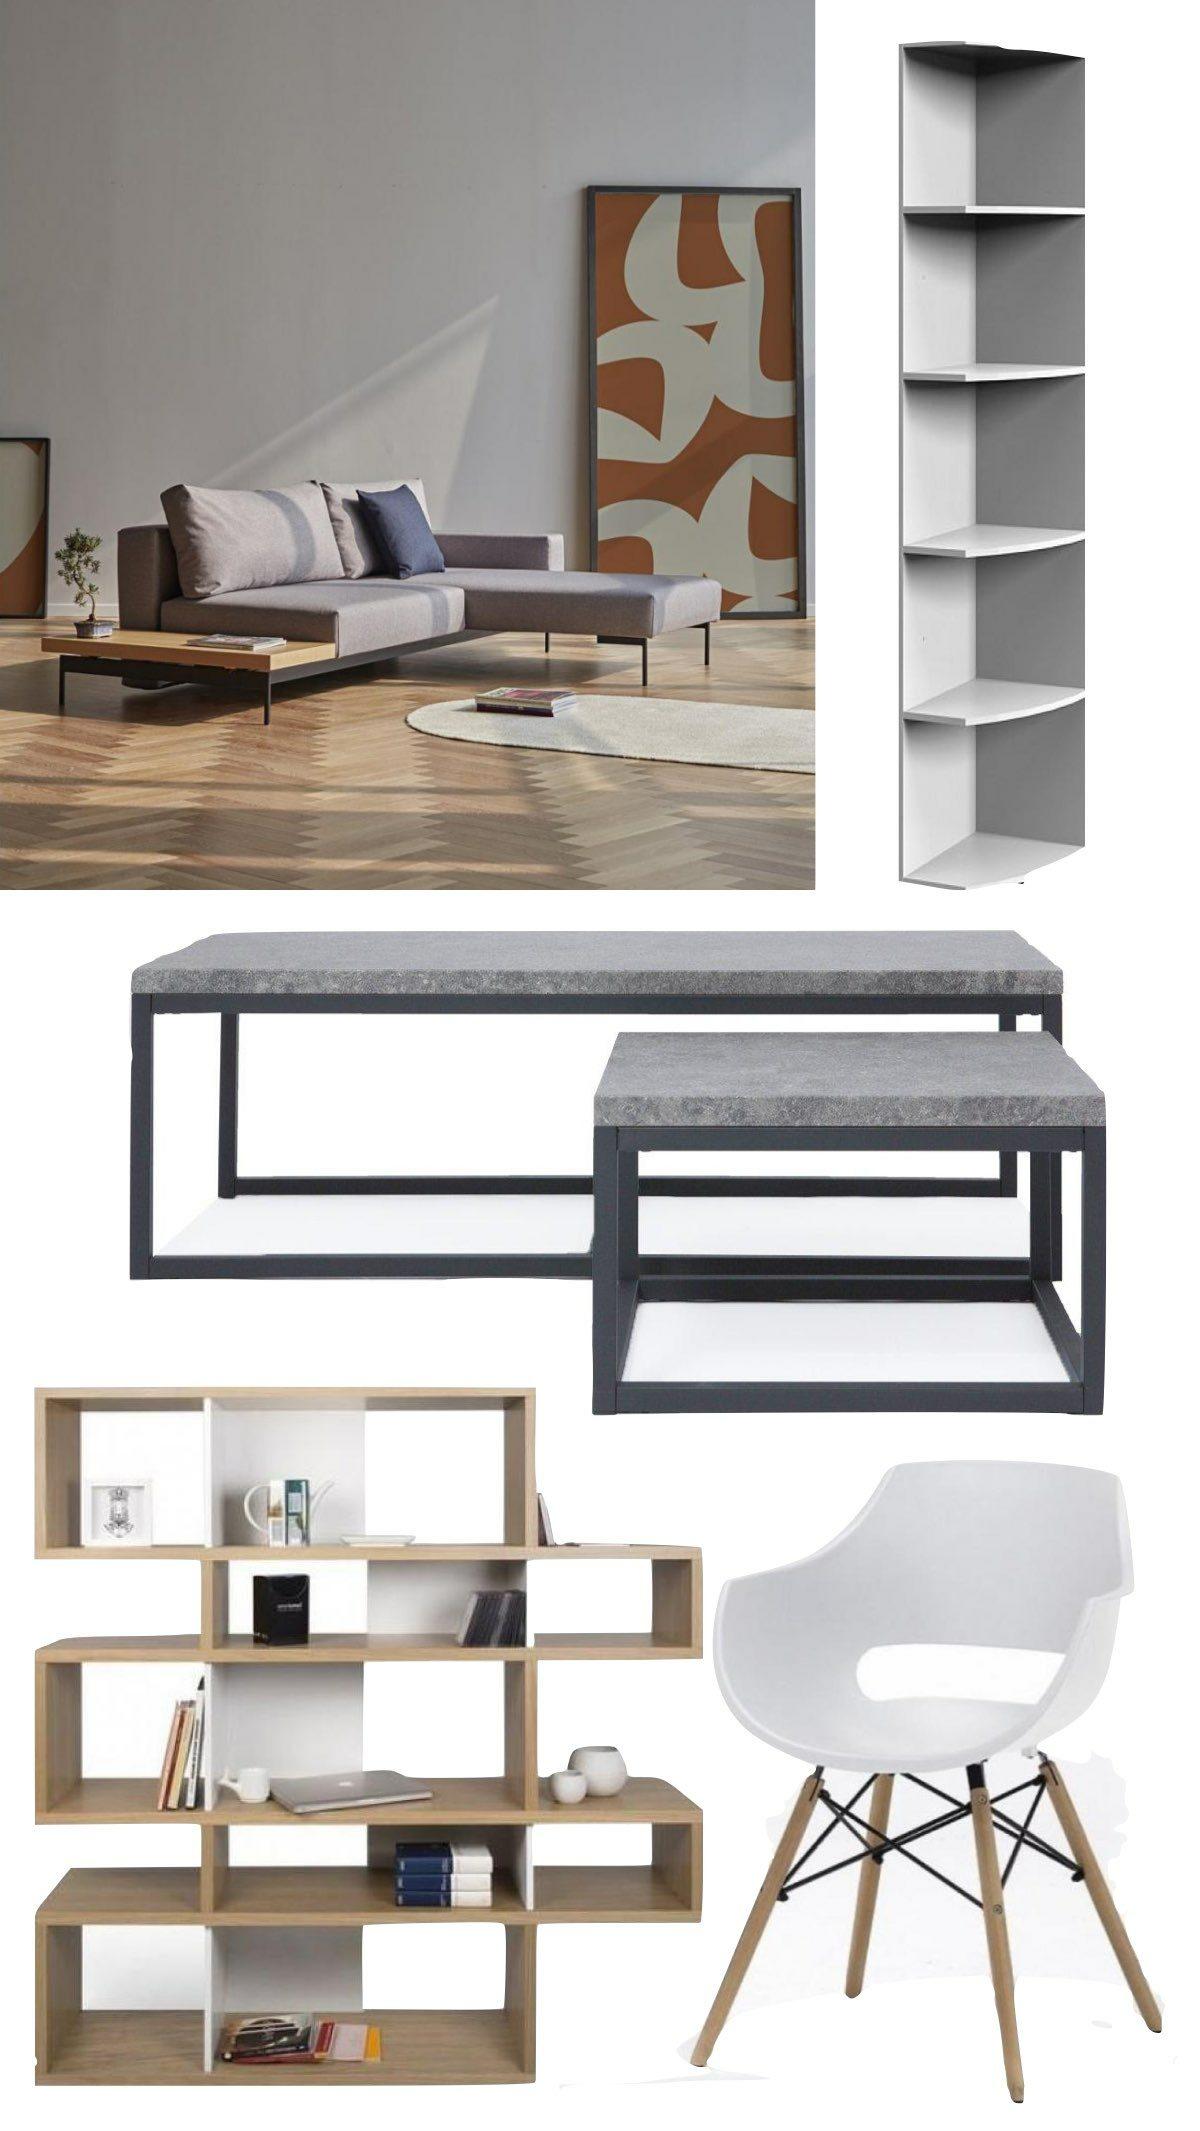 aménagement meuble salon pas cher canapé lit style loft table basse béton plateau pied métal noir rectangle